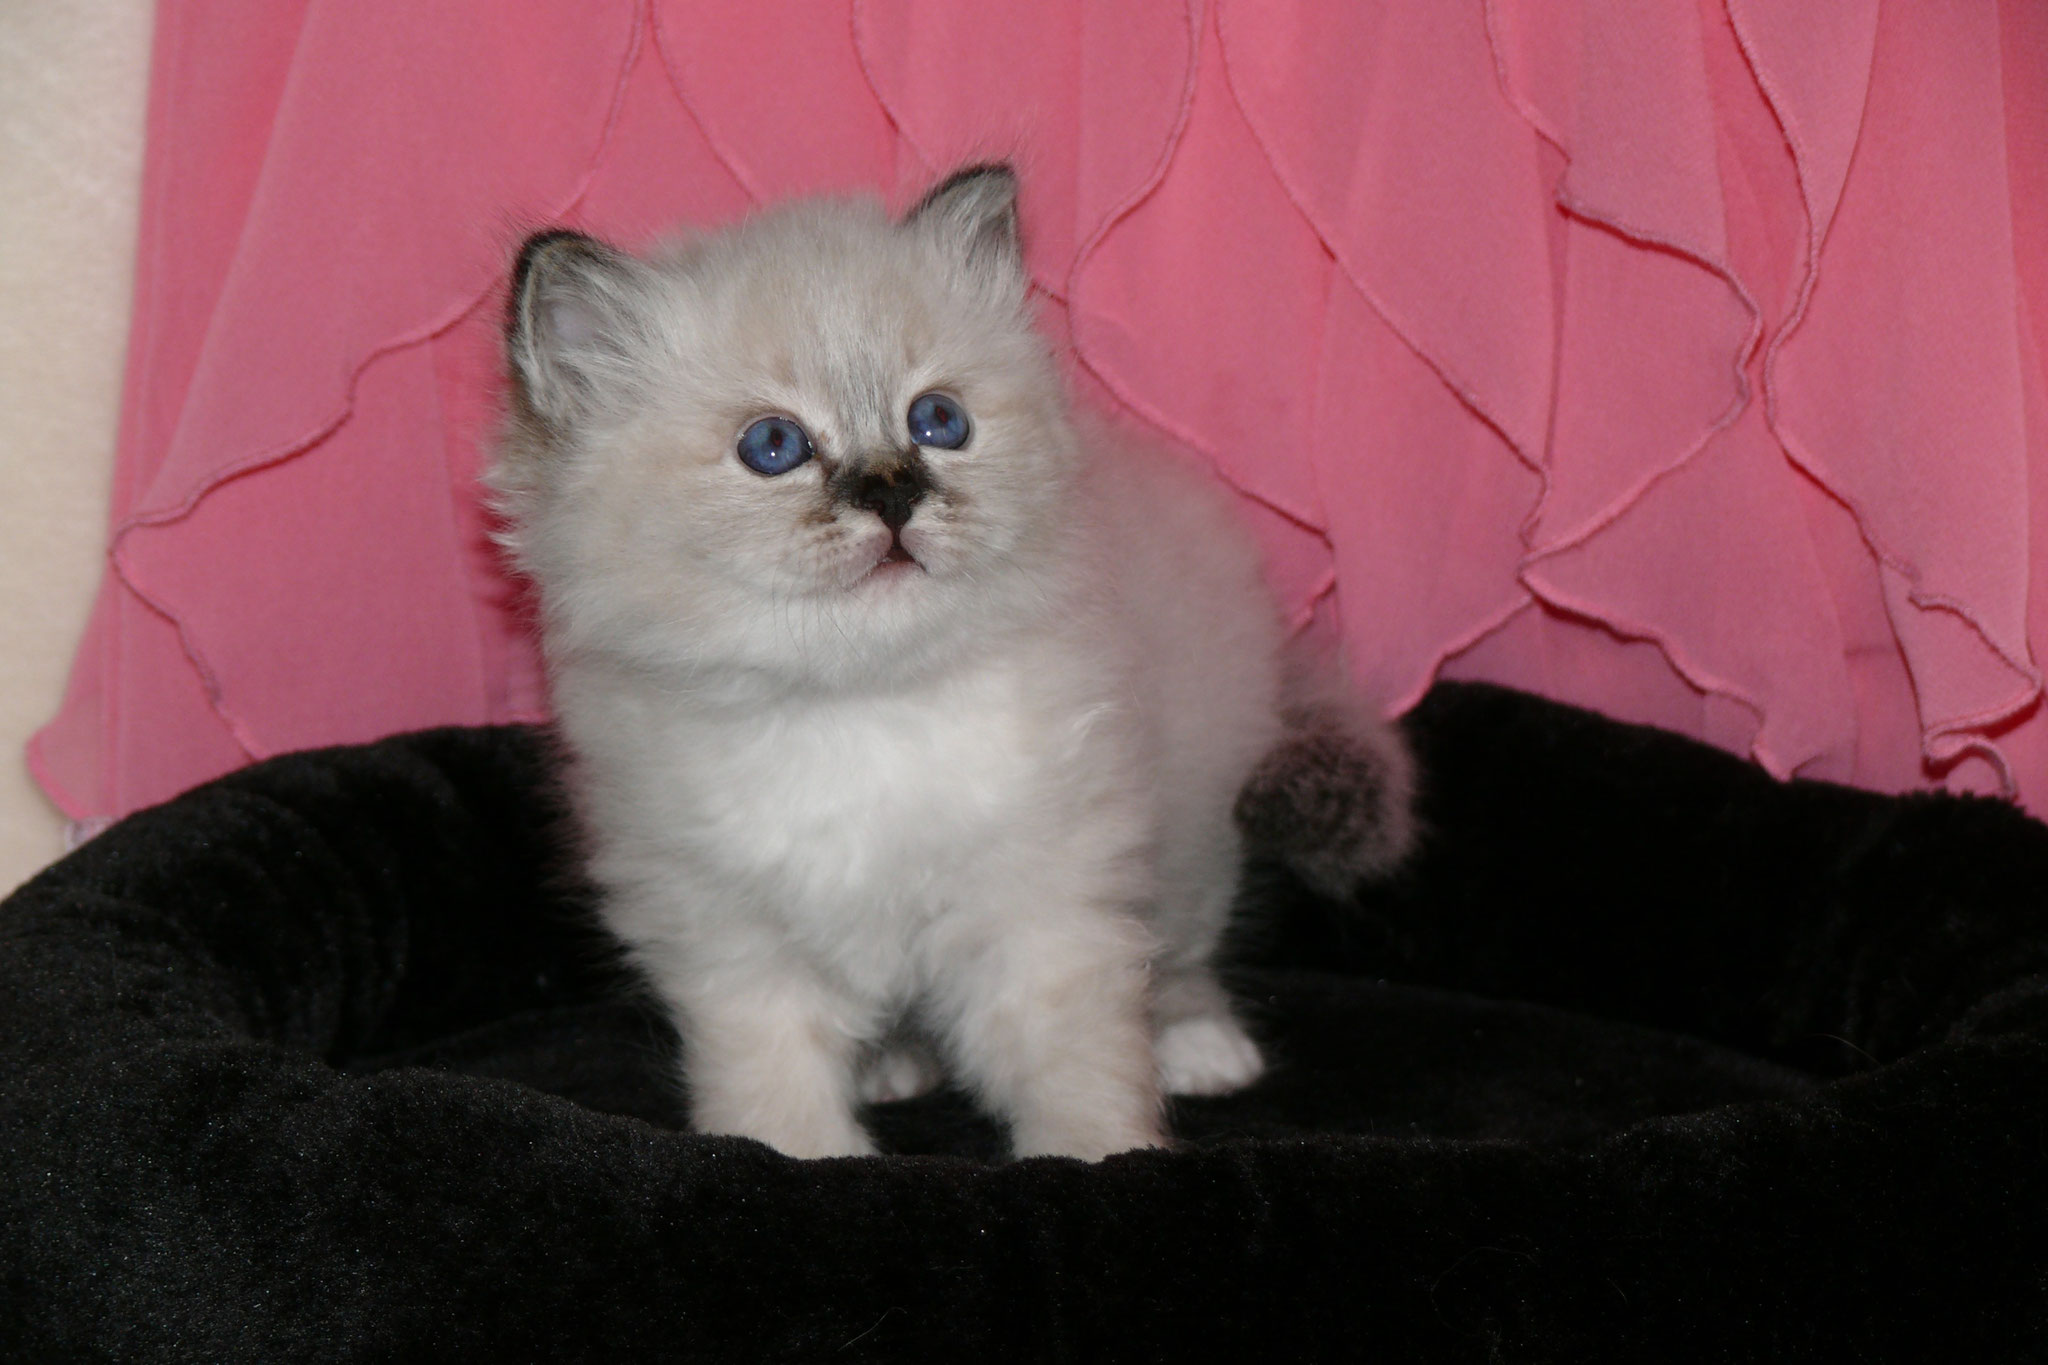 Abbey Rose von der Mondblume, 5 Wochen alt